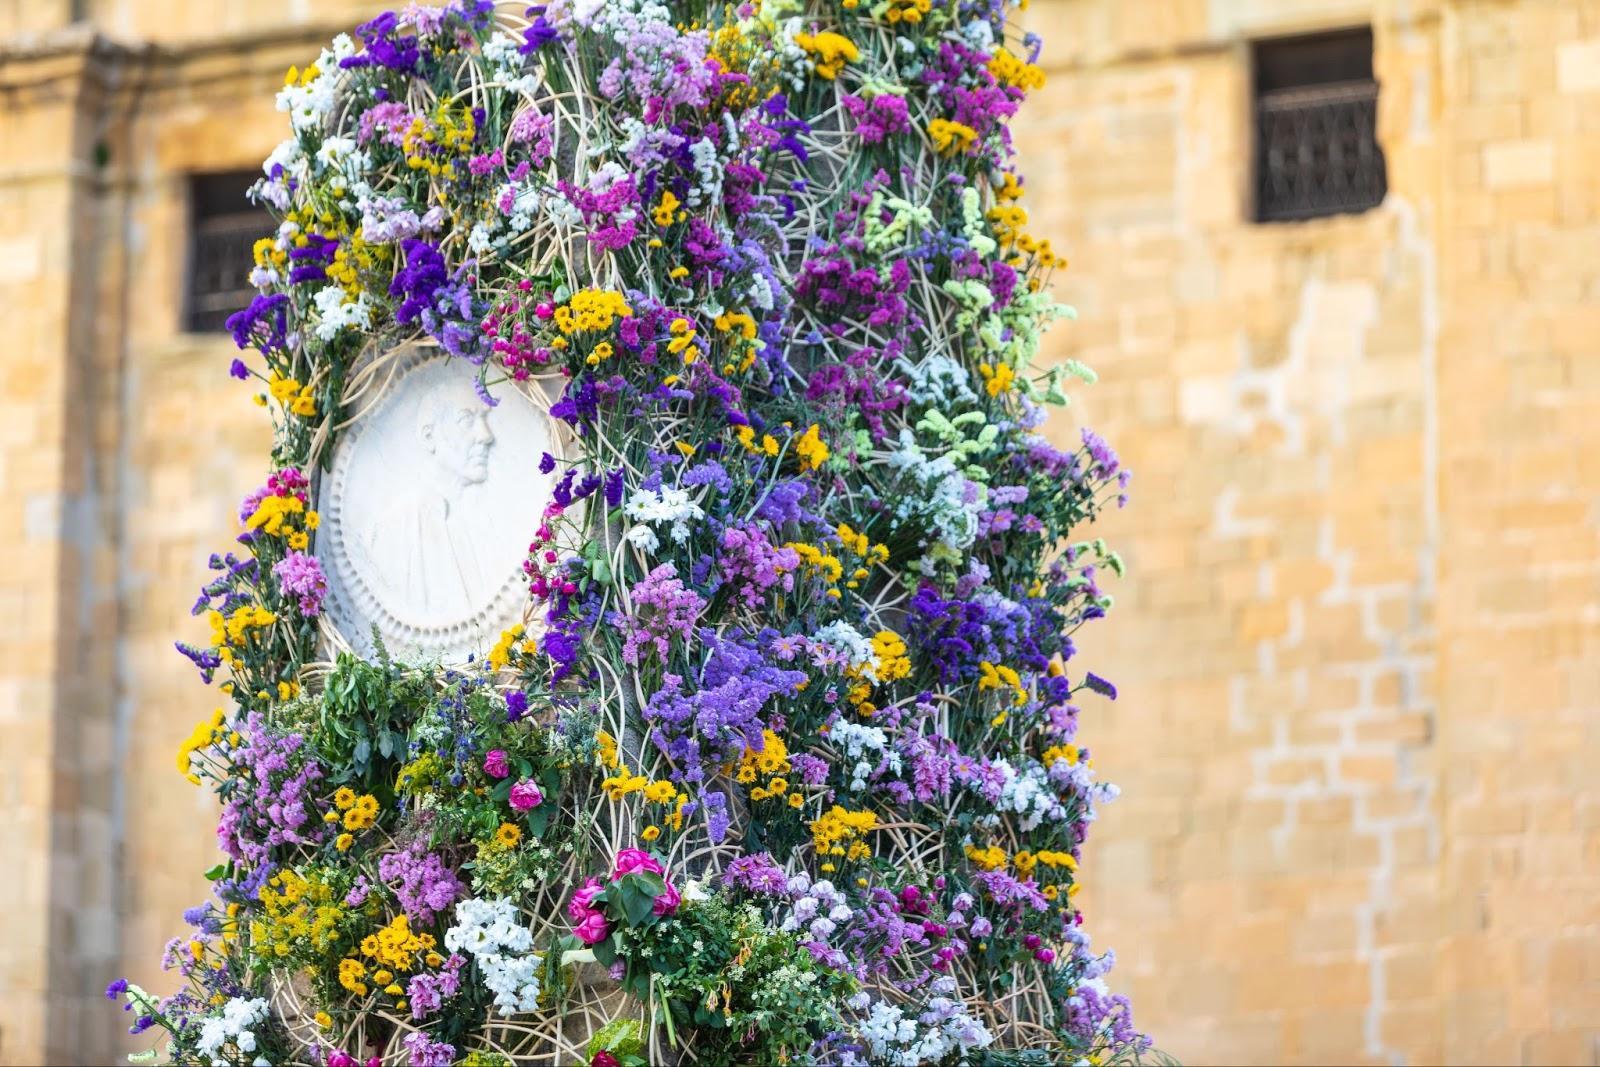 El monument a Verdaguer cobert de flors. Foto: Fundació Jacint Verdaguer